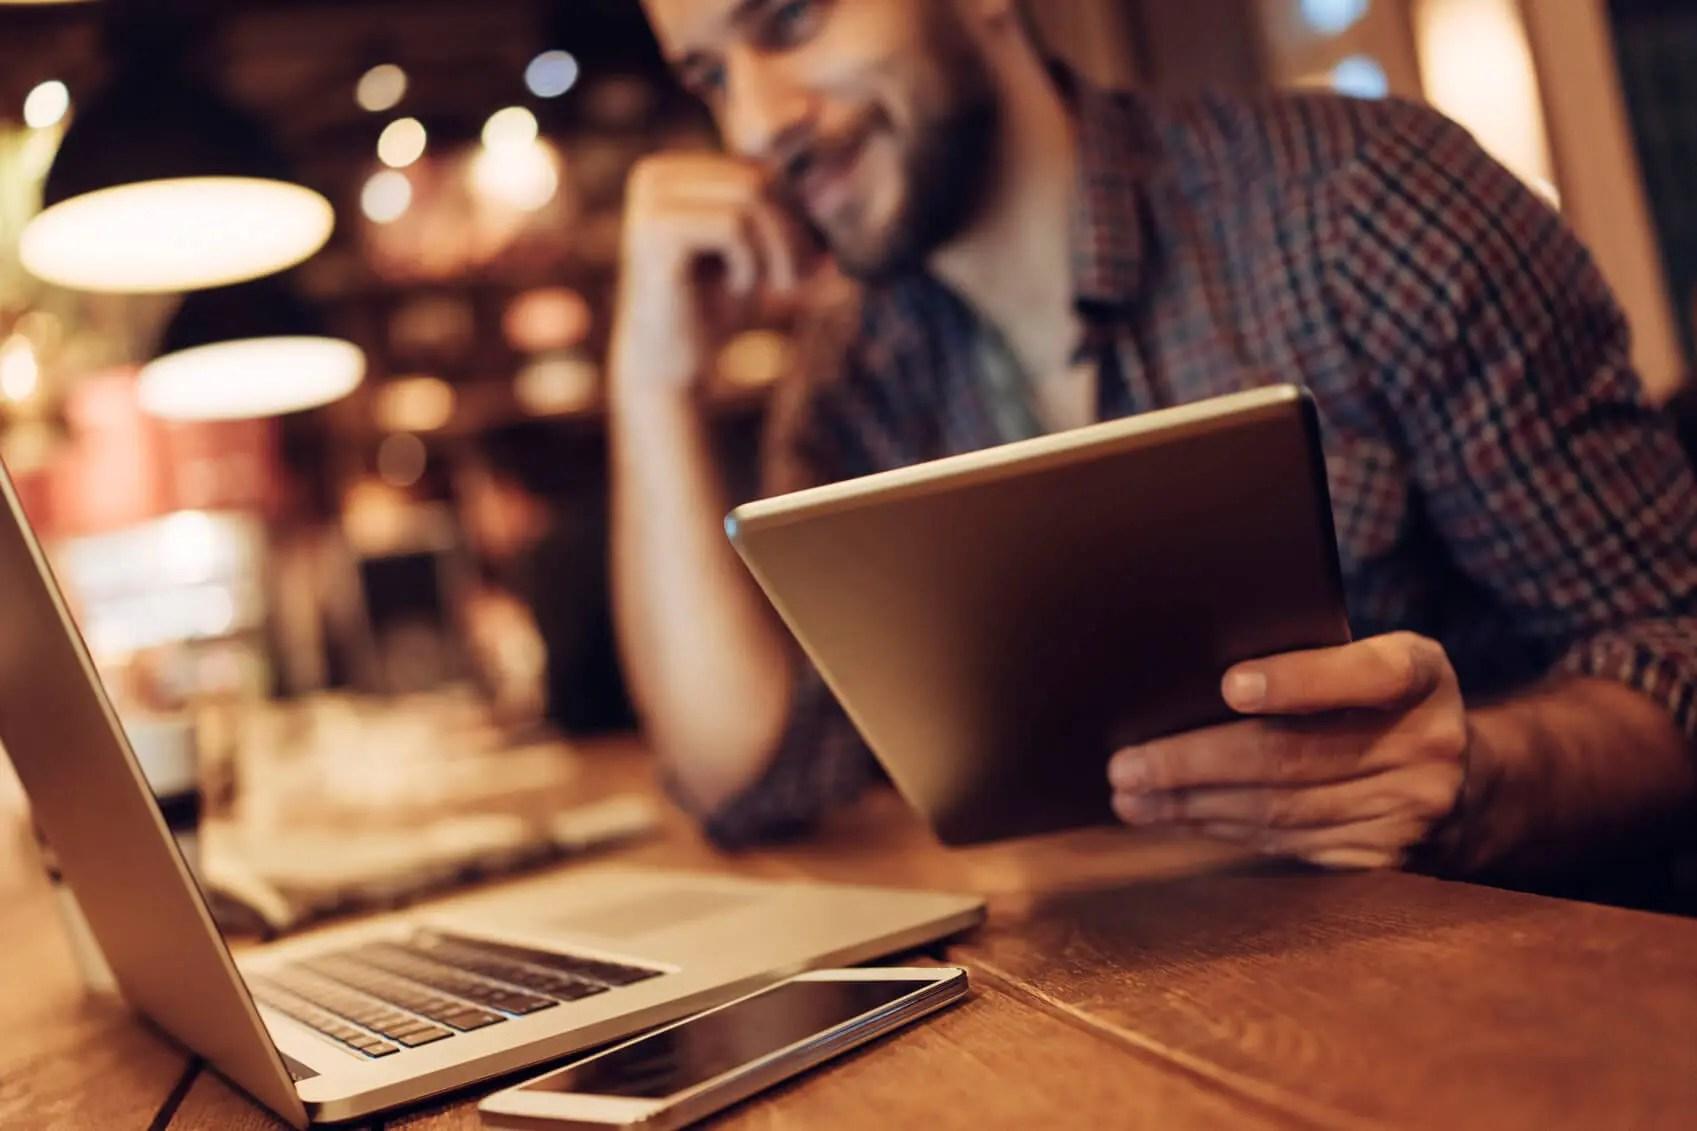 Man using a tablet to provide customer support via social media